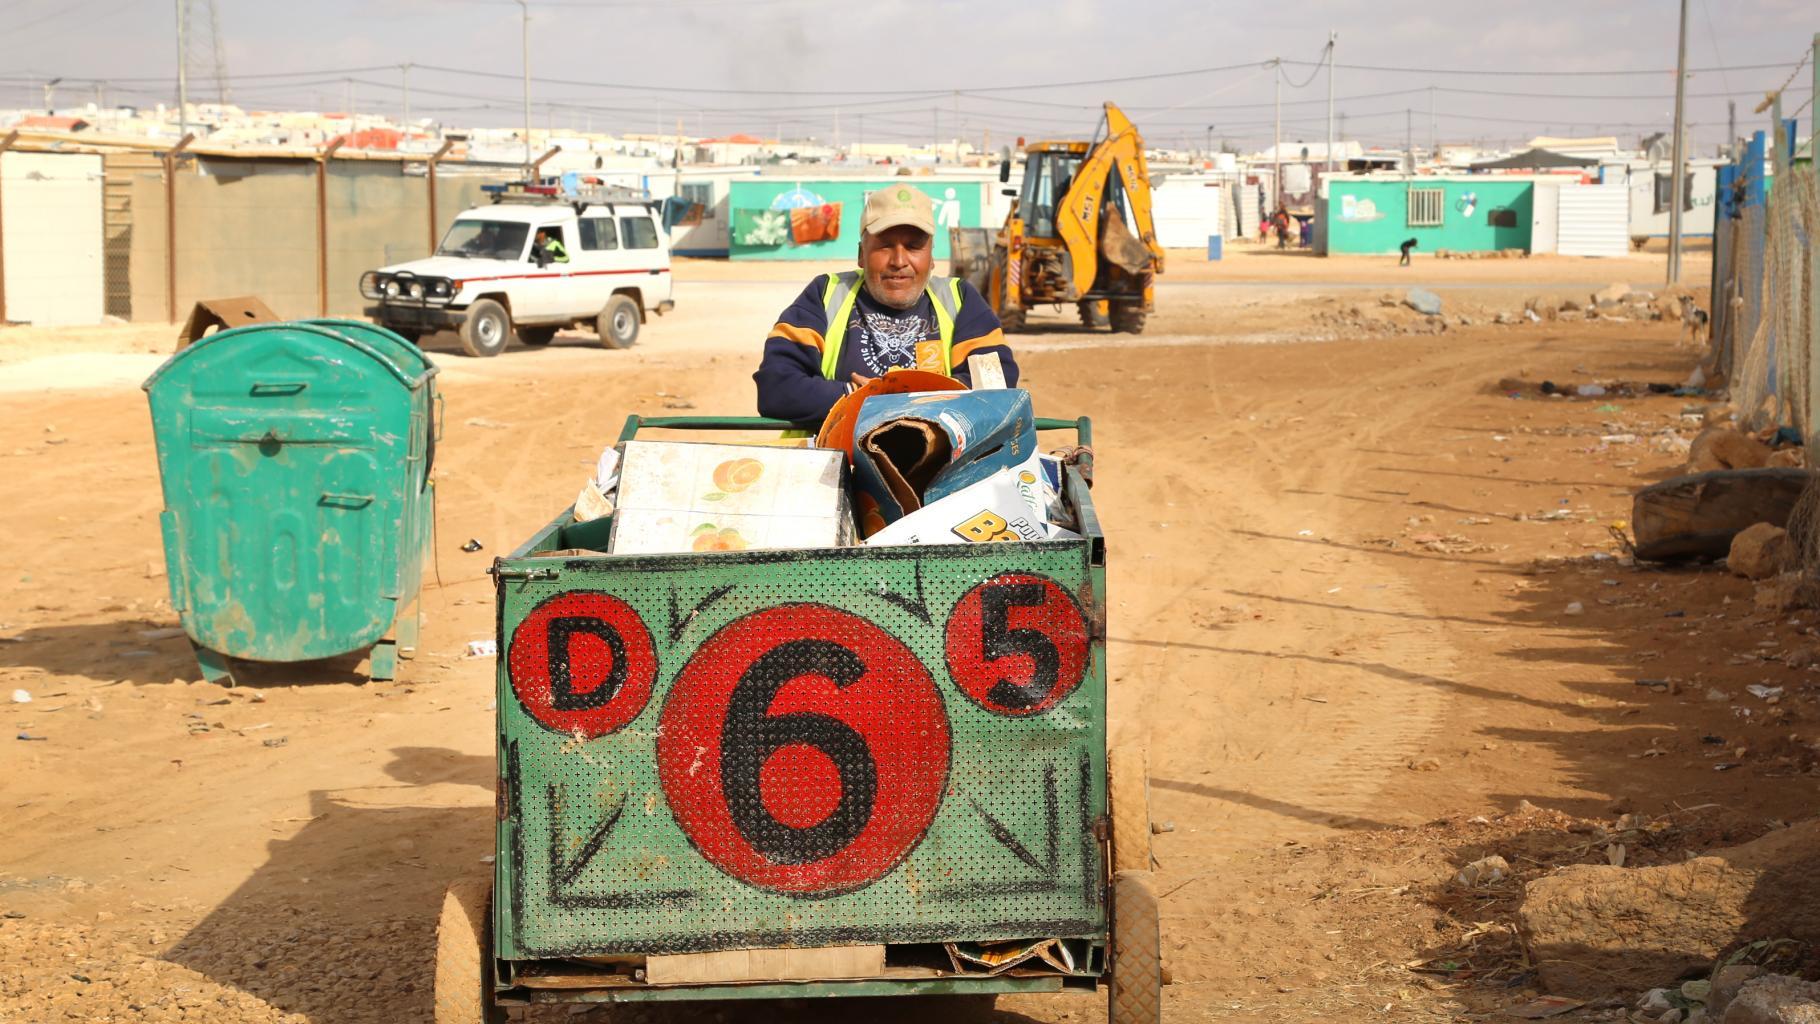 Ein Mann mit Oxfam-Mütze sammelt Abfall in einem Karren.